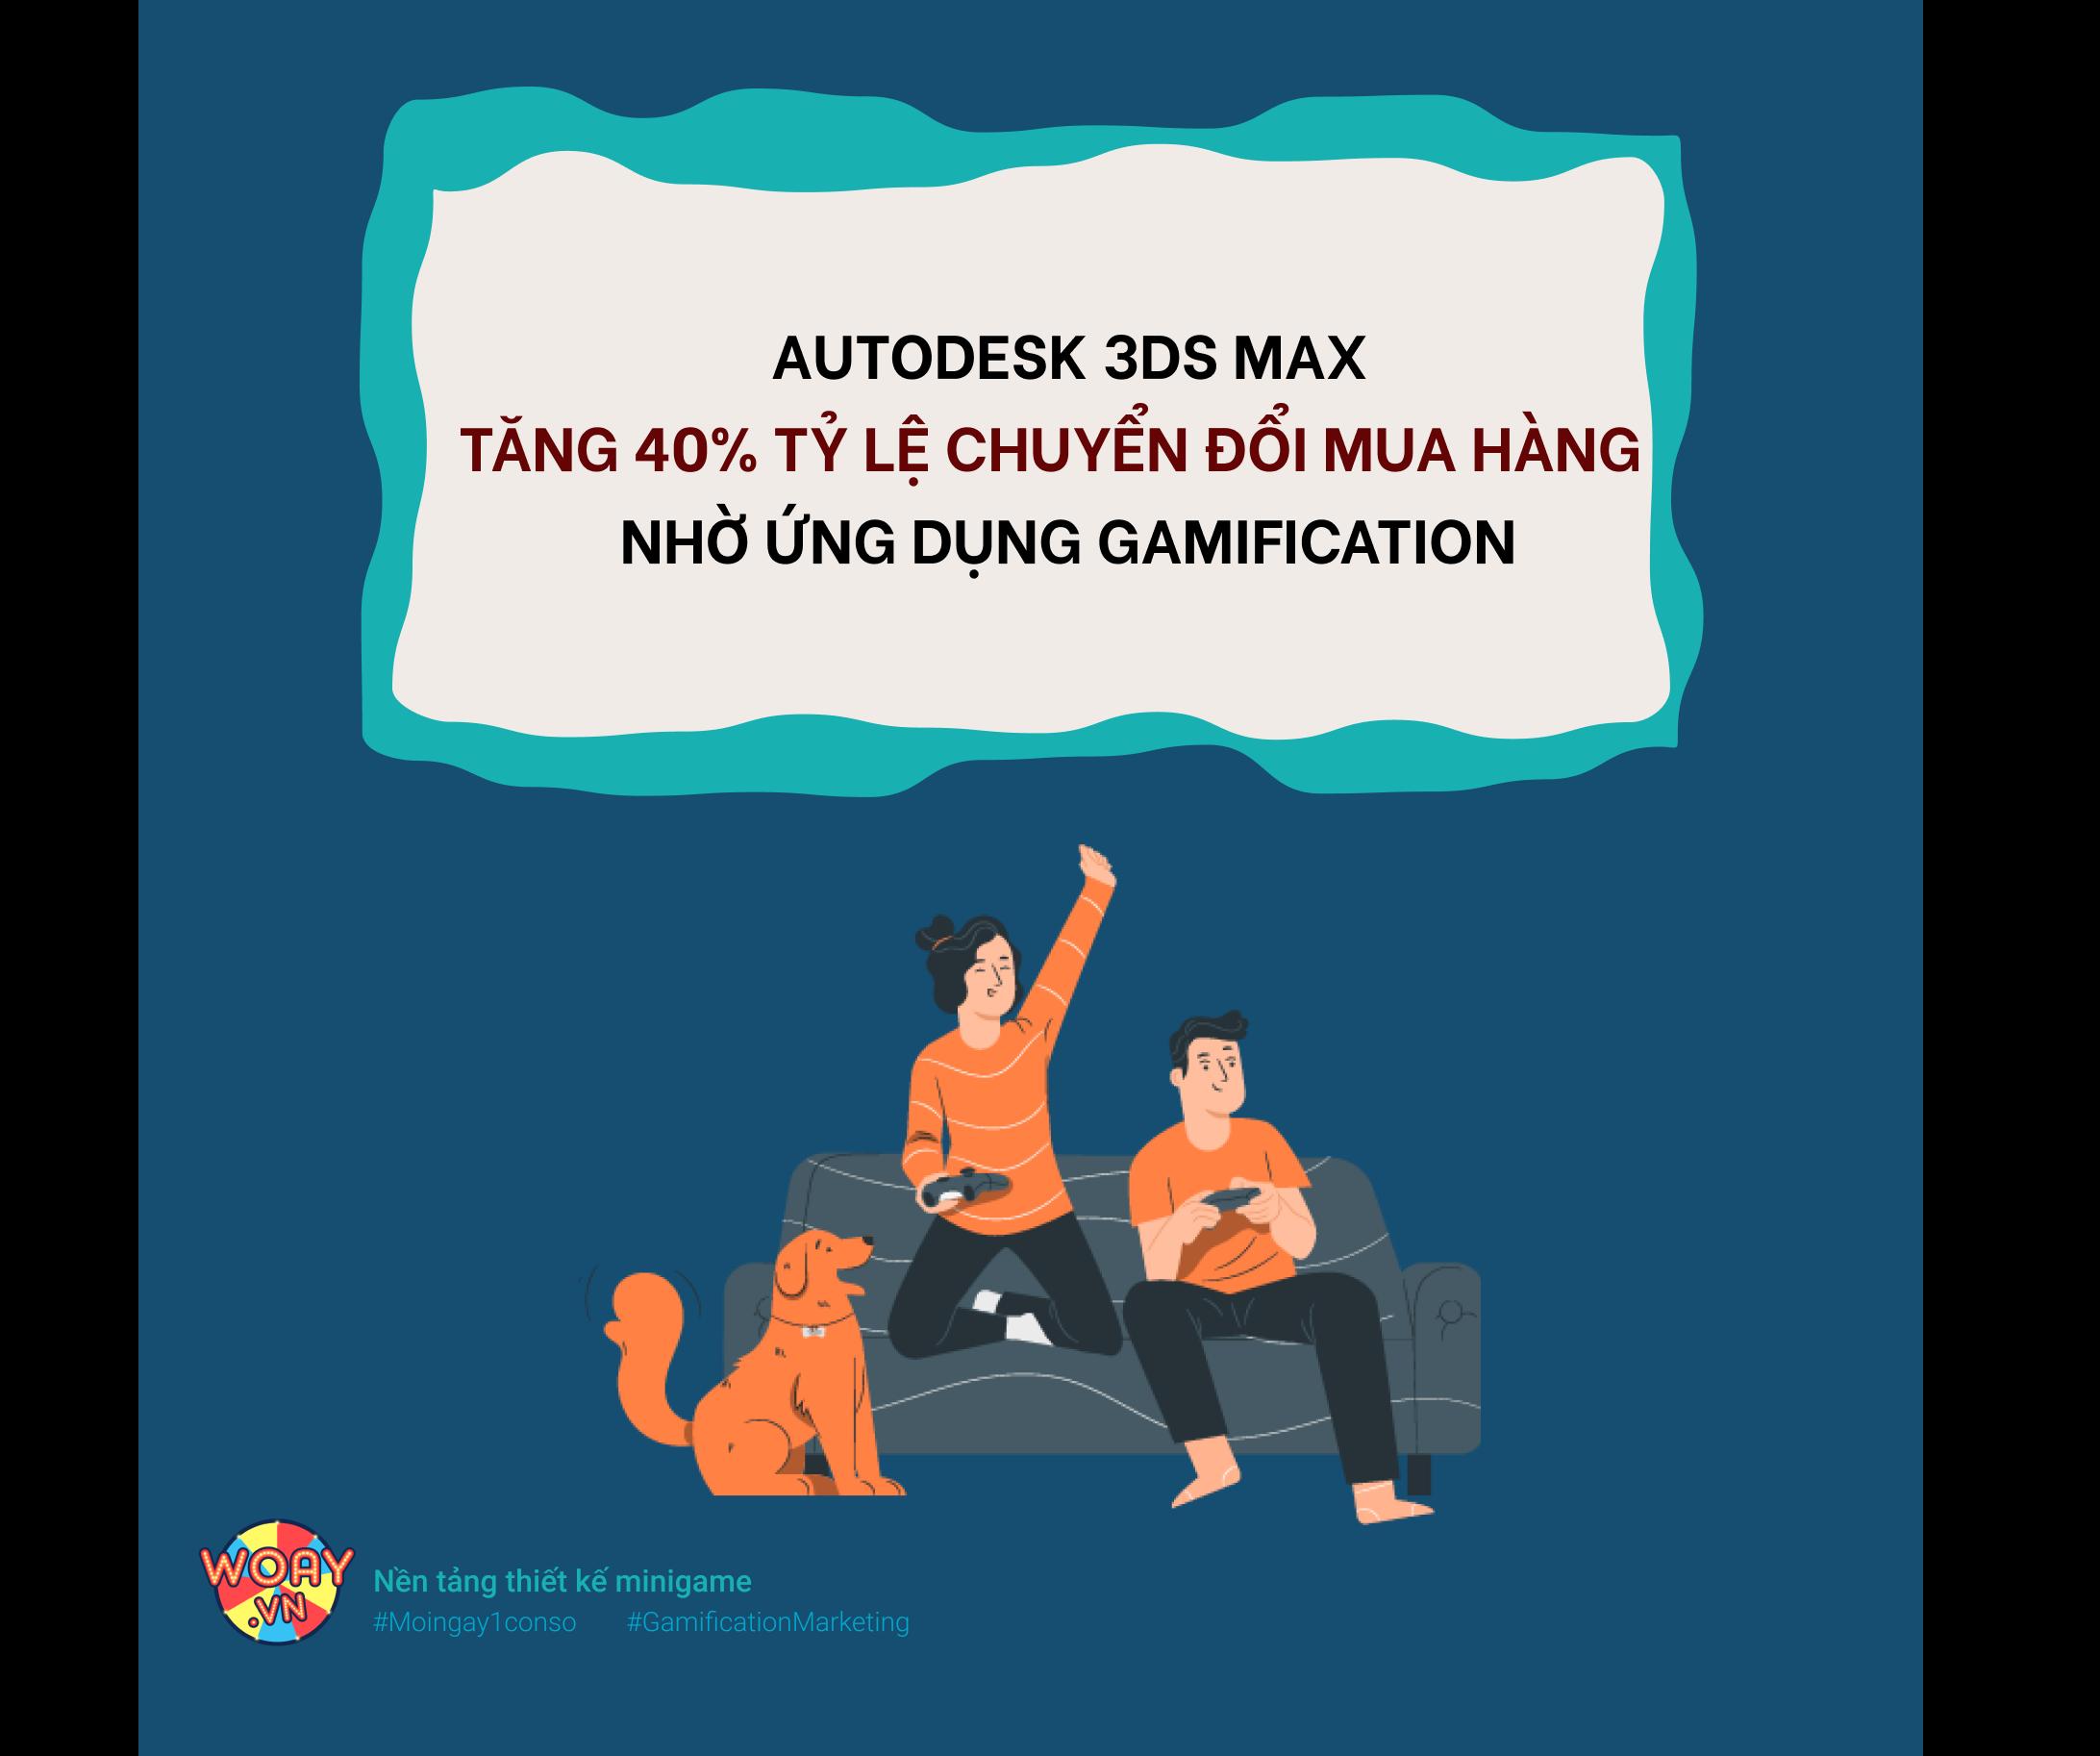 Autodesk 3DS Max tăng 40% tỷ lệ chuyển đổi mua hàng nhờ ứng dụng Gamification